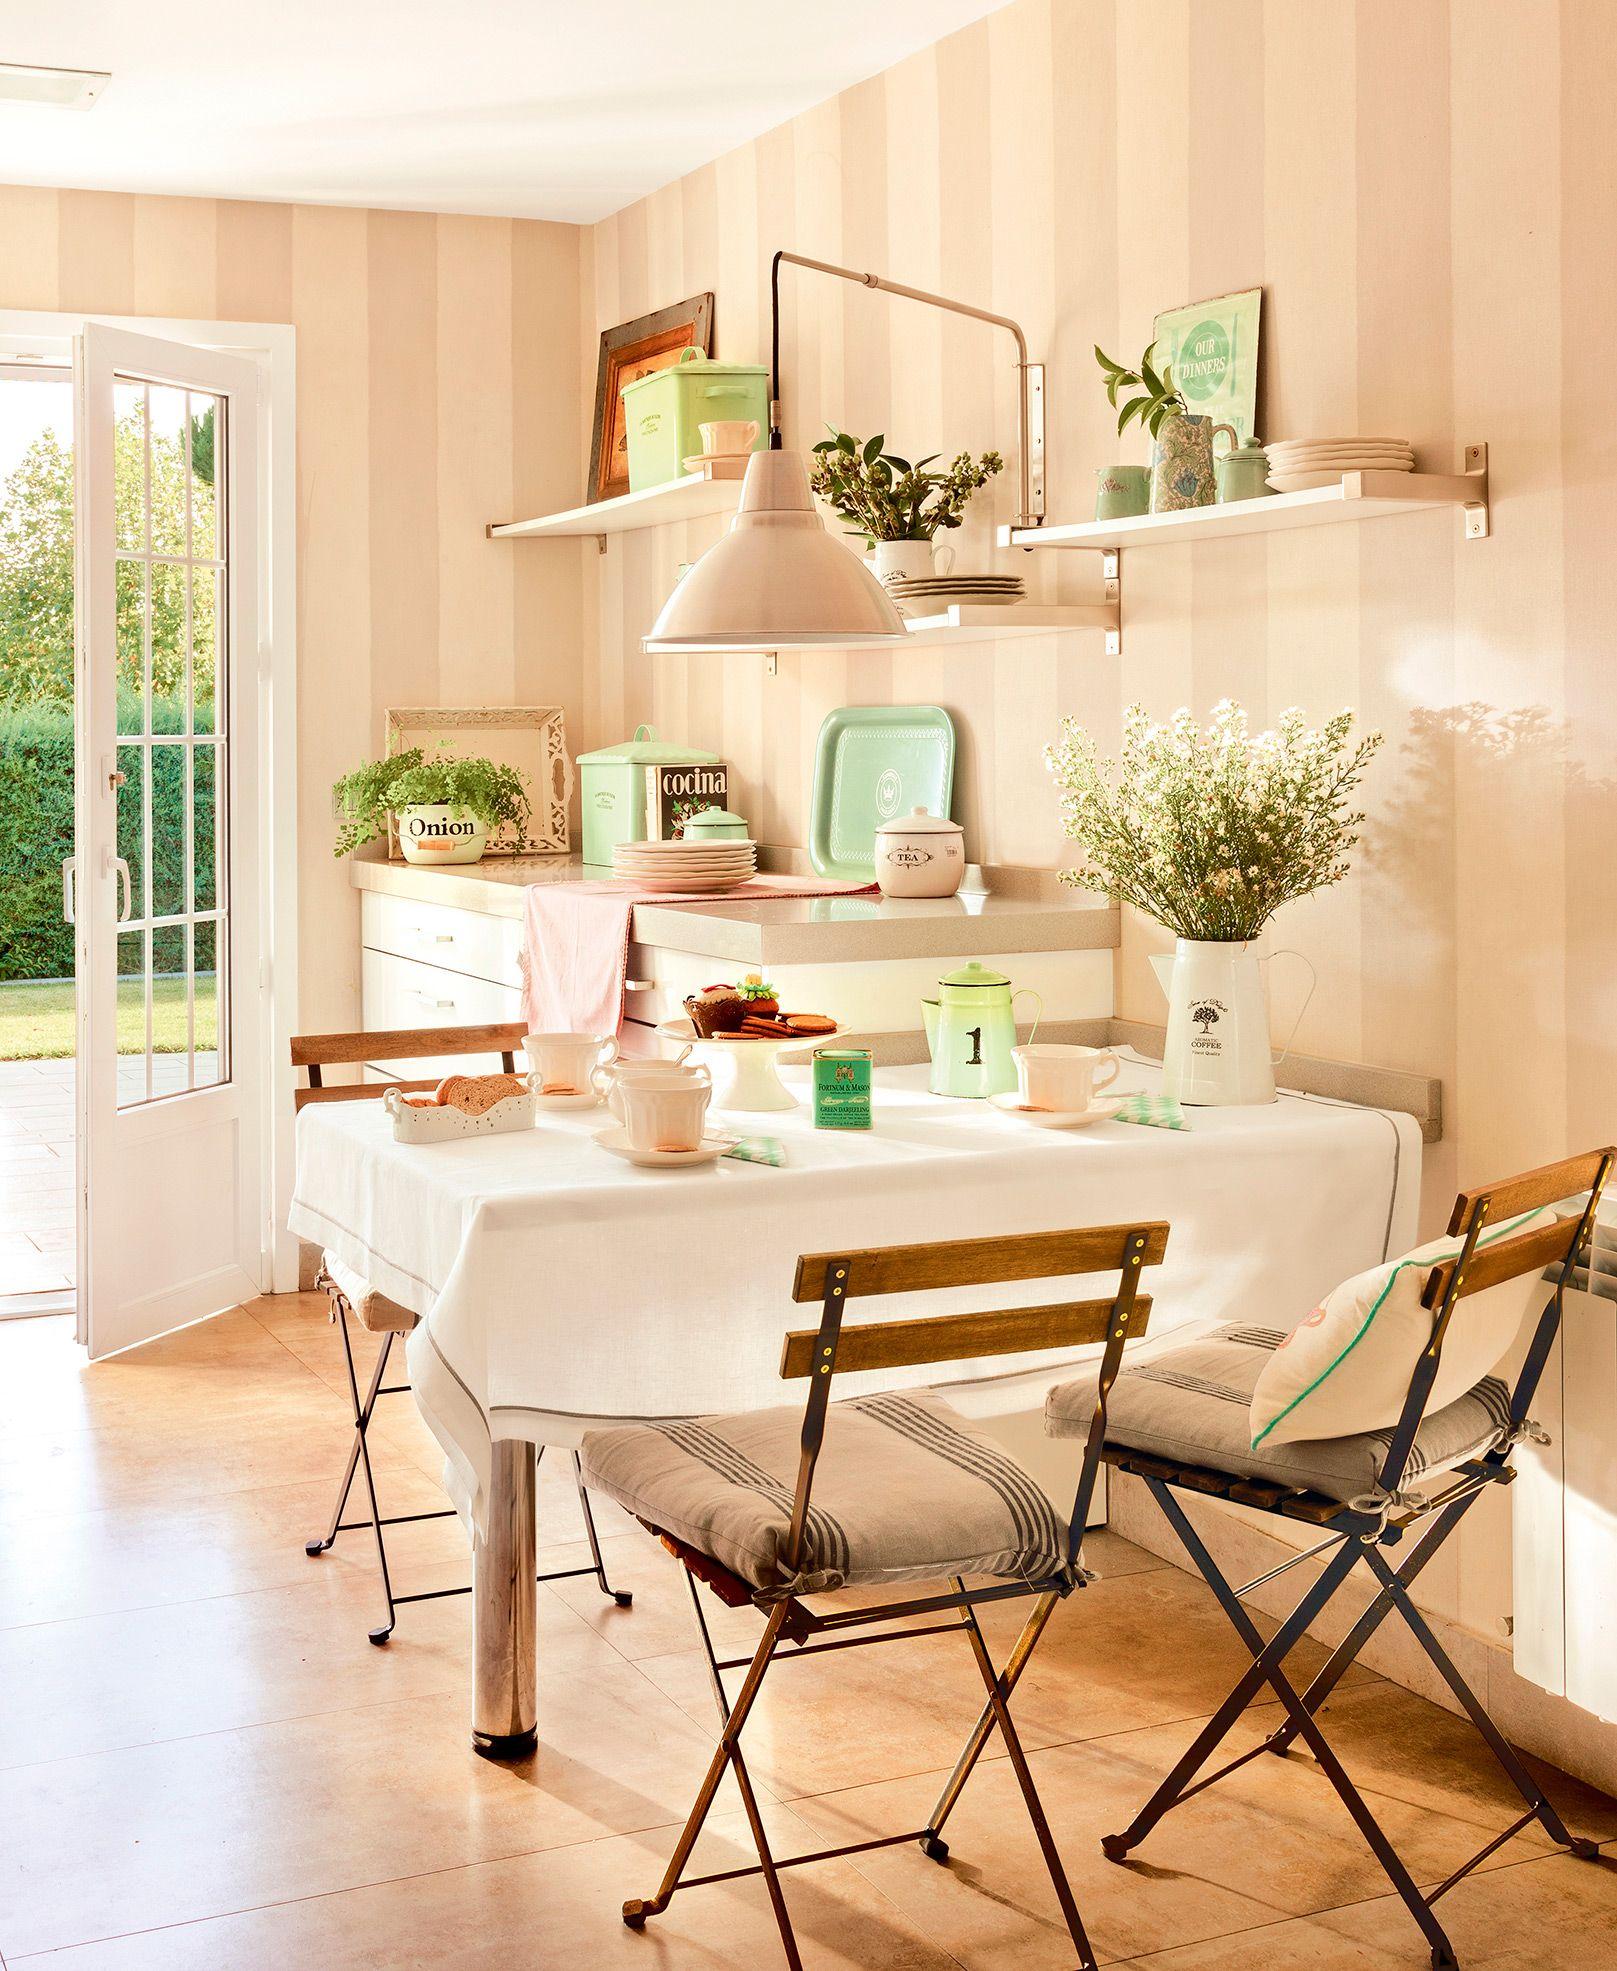 Comedor con mesa fijada a la pared, sillas plegables, accesorios ...